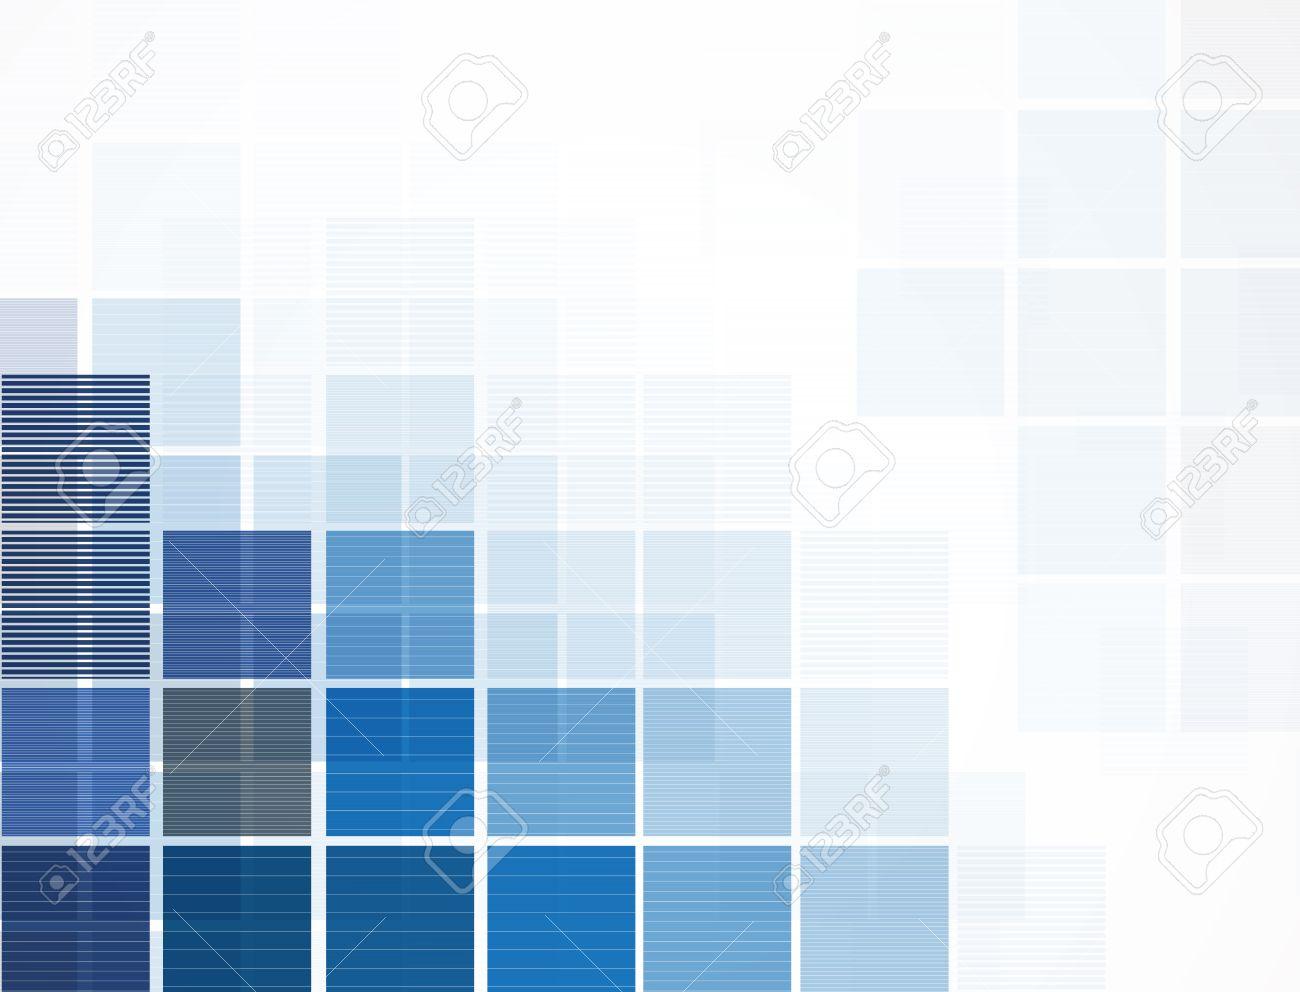 Ziemlich Muster Drahtlieferanten Galerie - Der Schaltplan - triangre ...